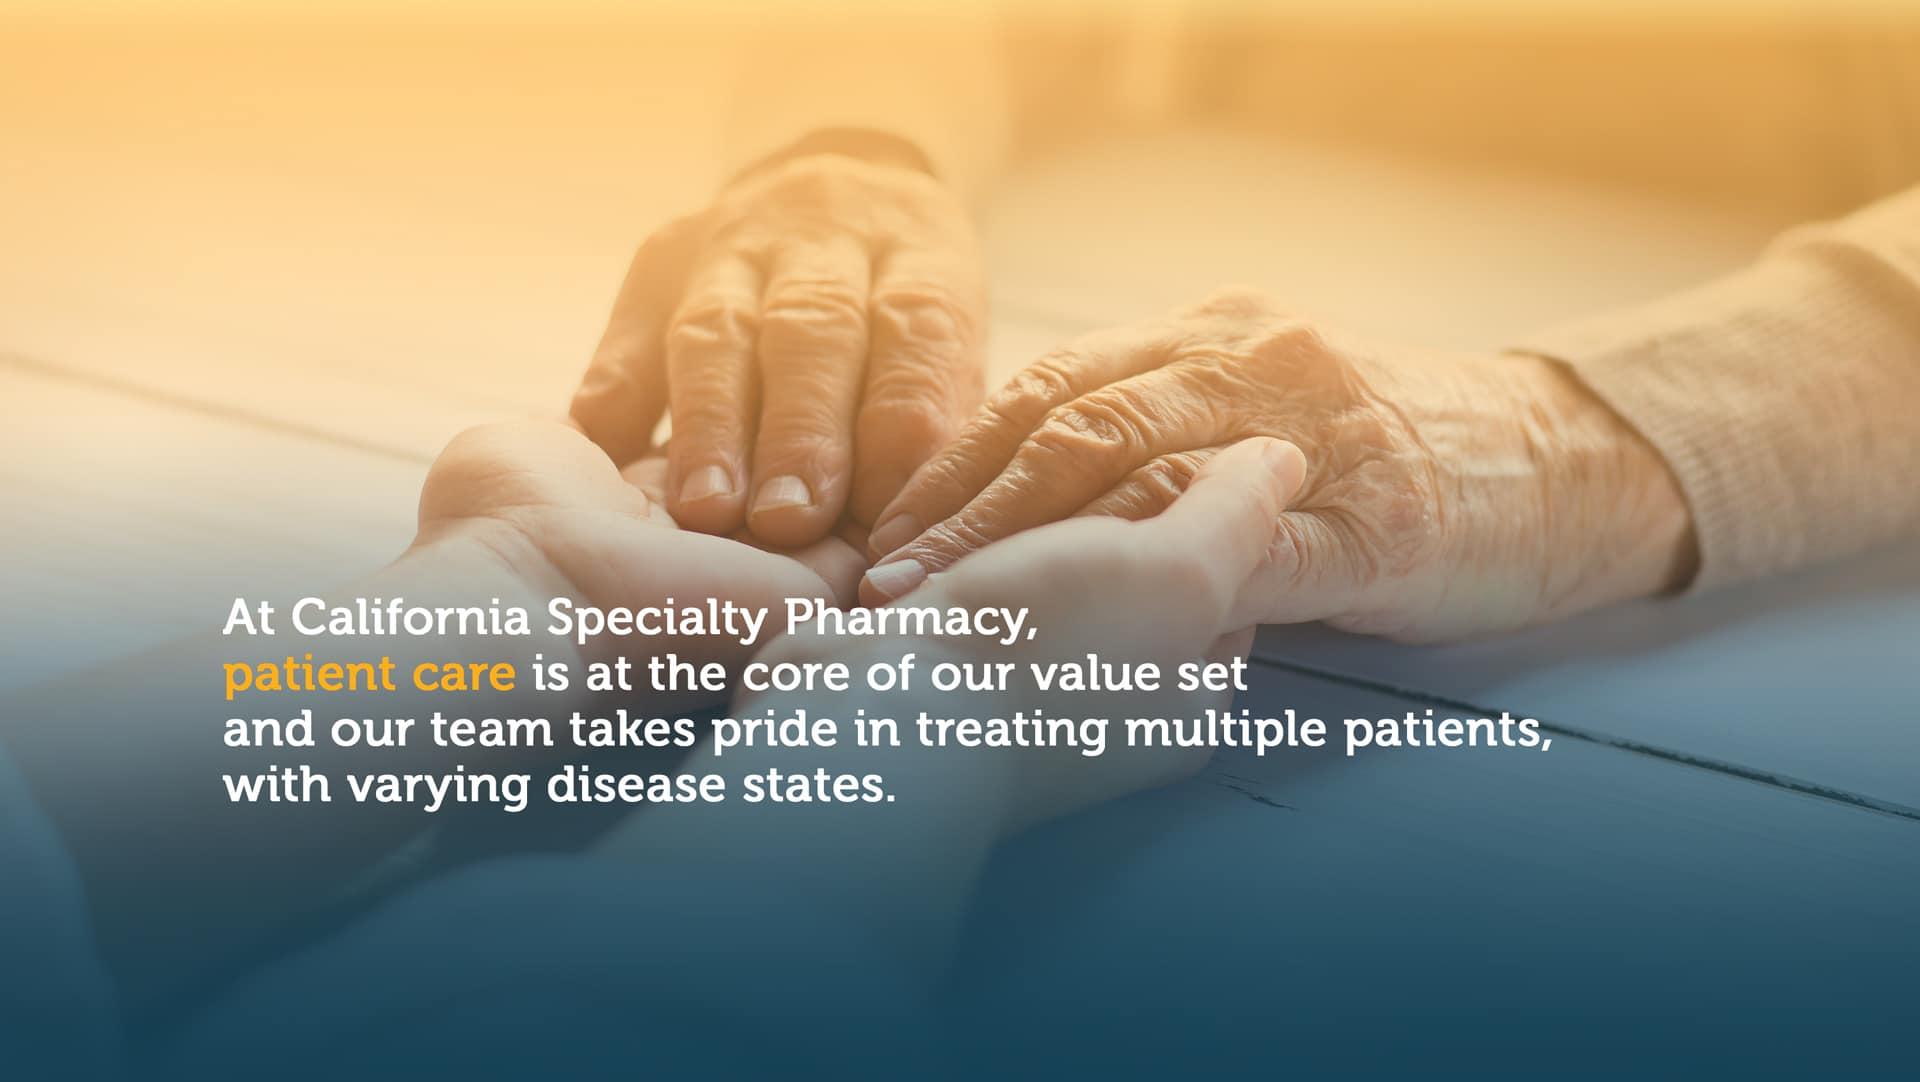 ALS – California Specialty Pharmacy